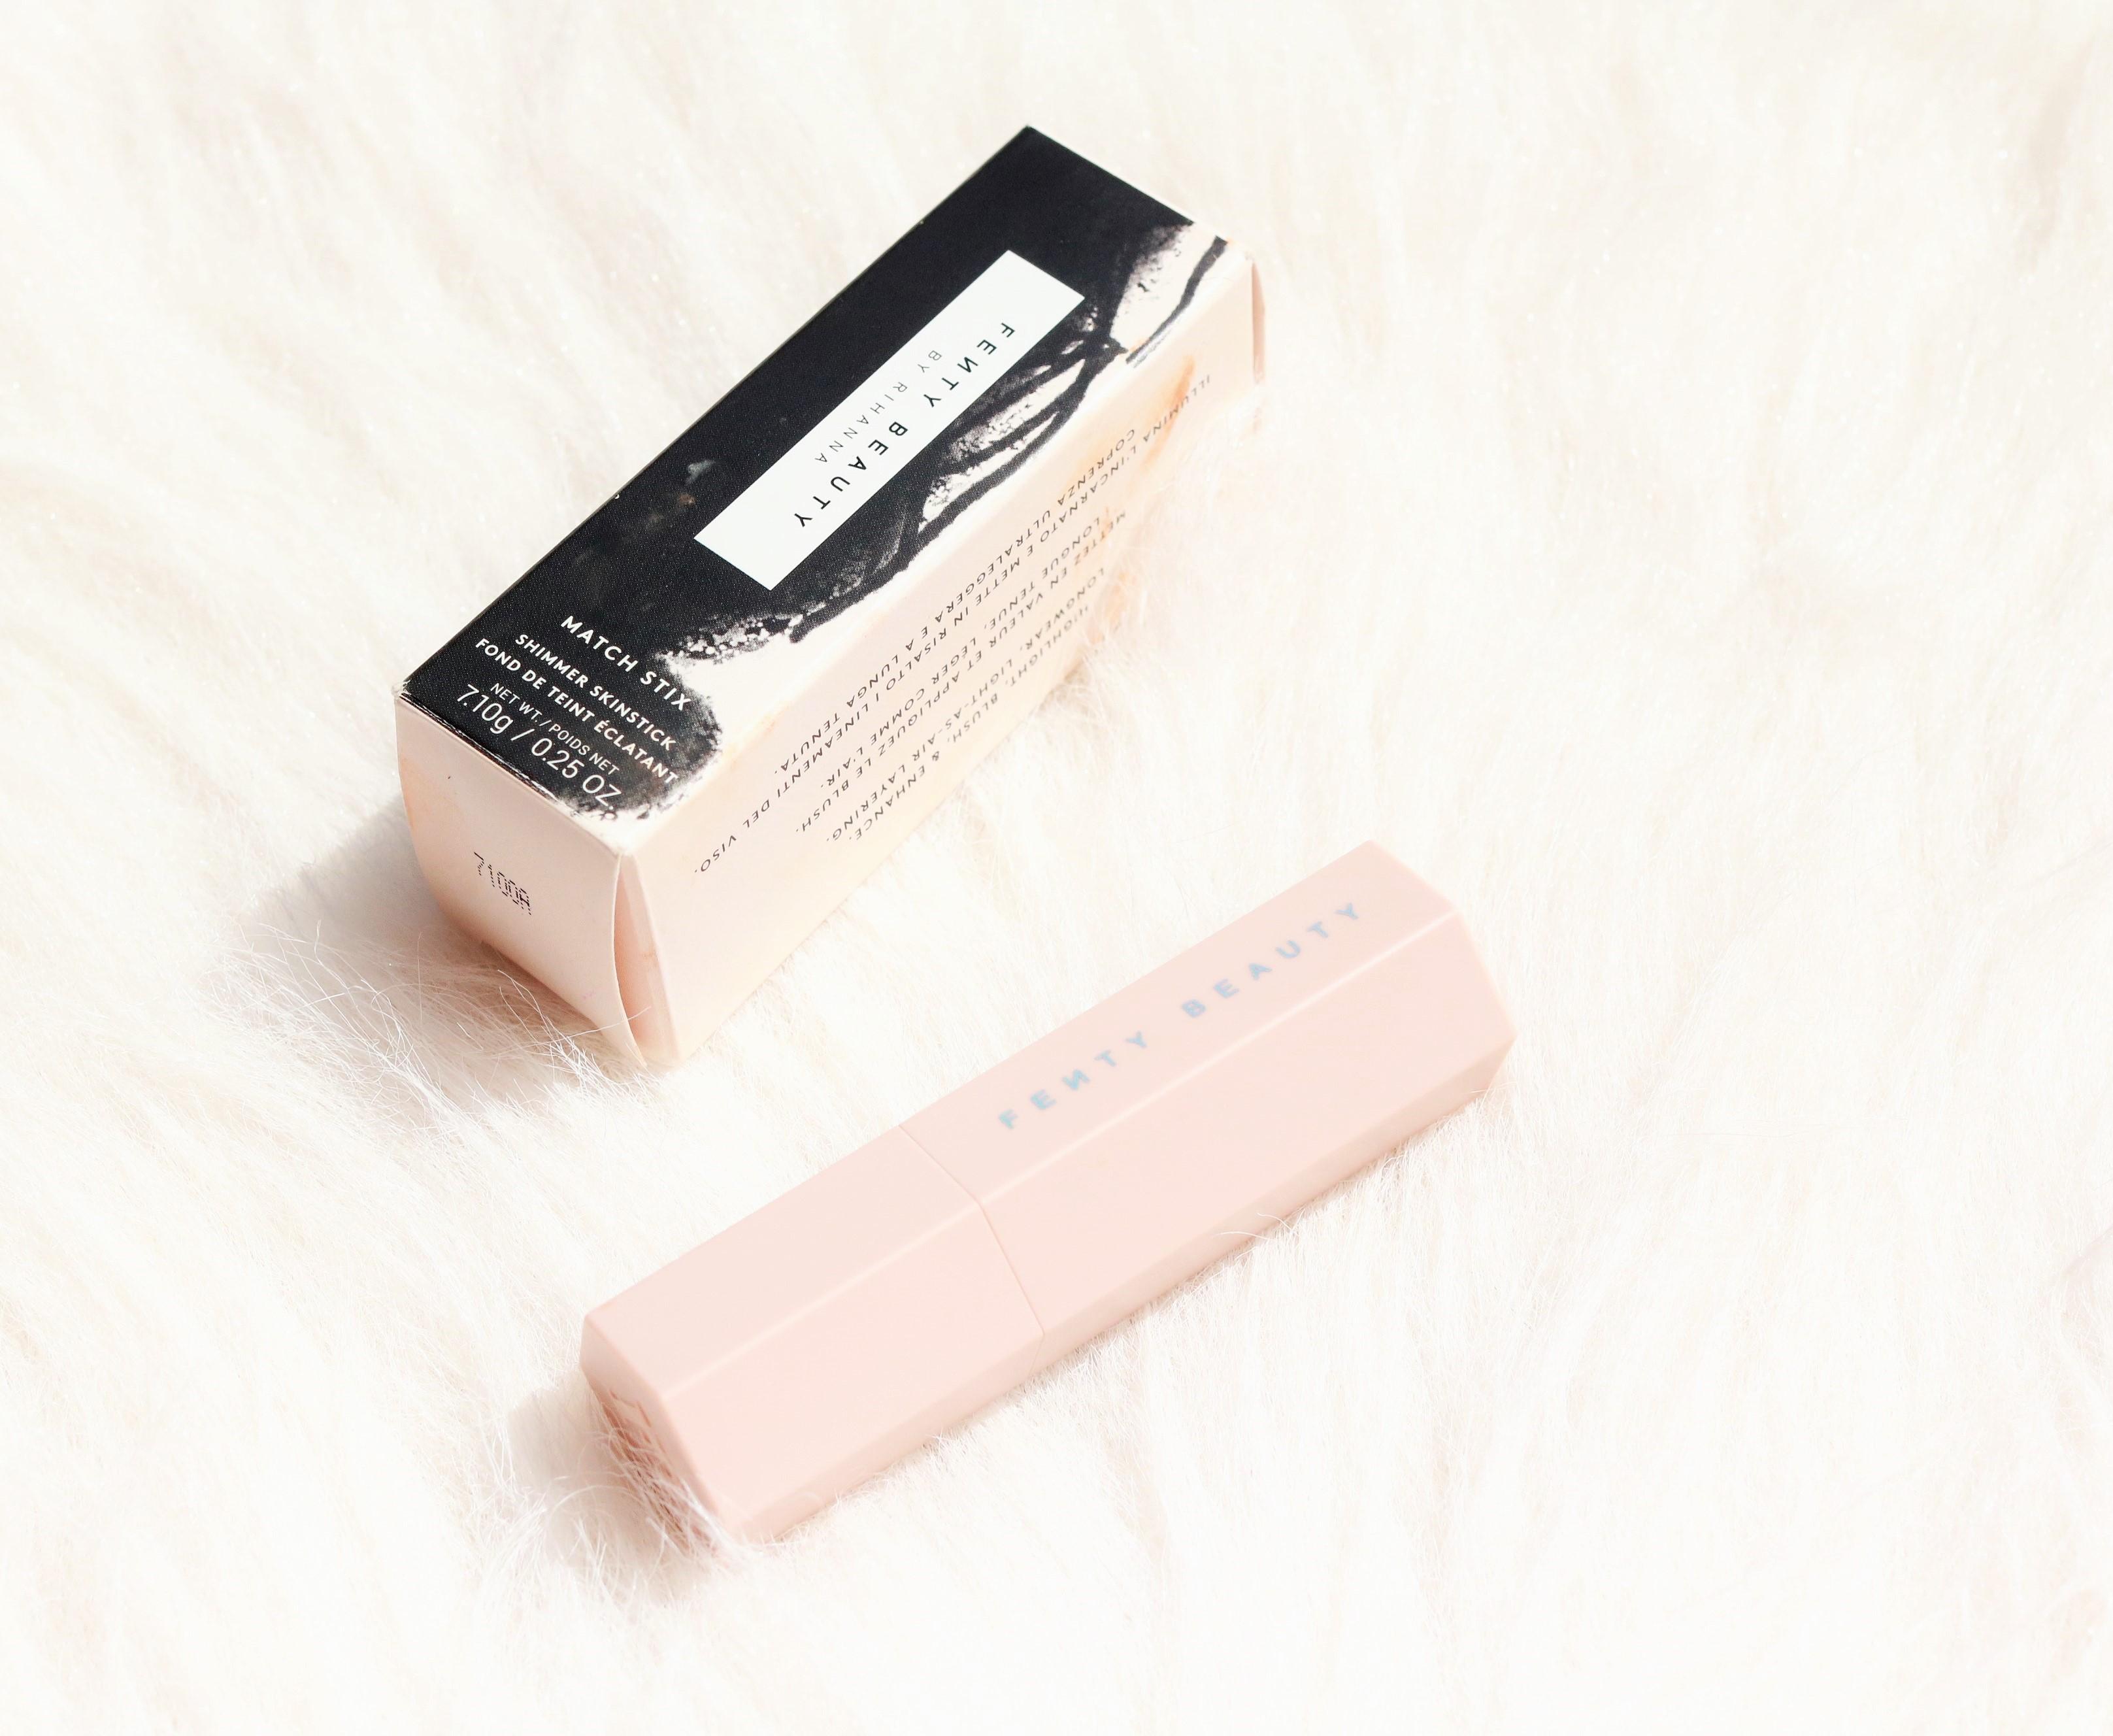 Fenty Beauty Match Stix Shimmer Skinstick by Rihanna Sinamon